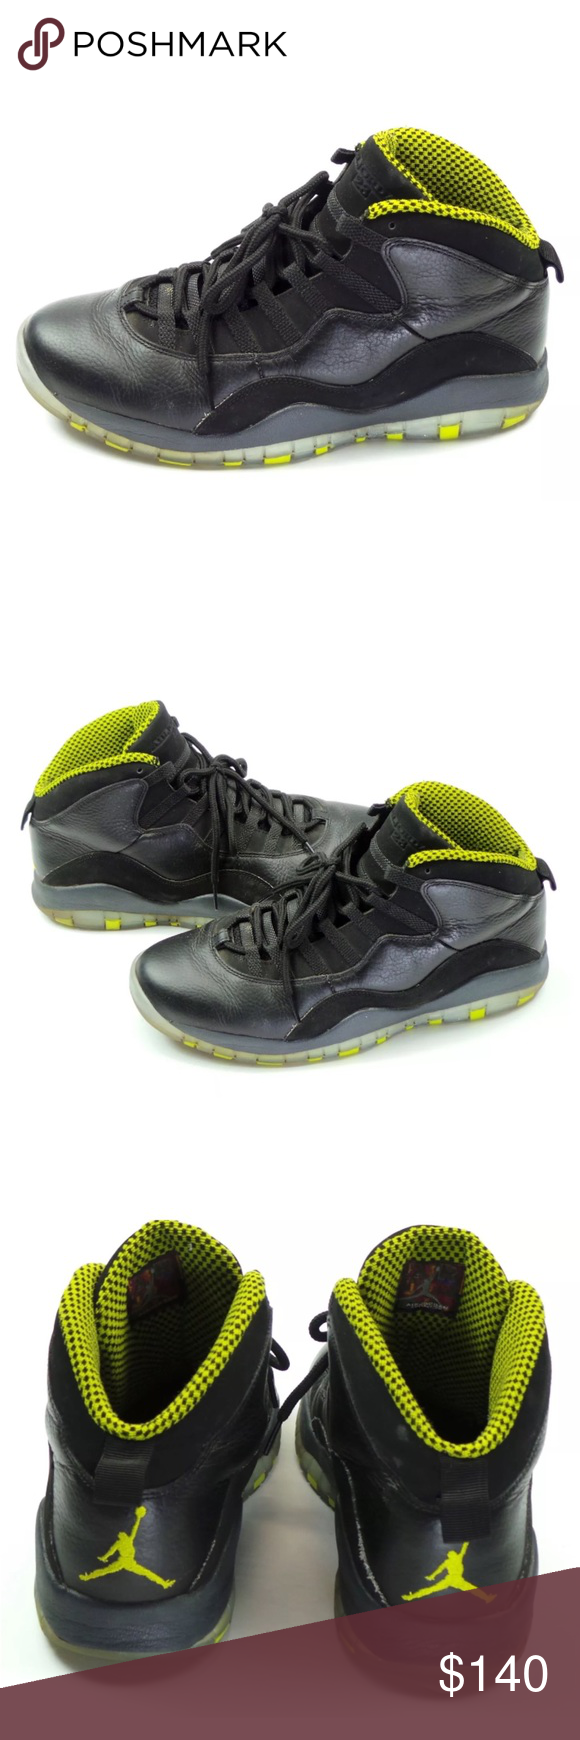 31ccb6a844204d Nike Air JORDAN Retro 10 X 310805-033 Sneakers